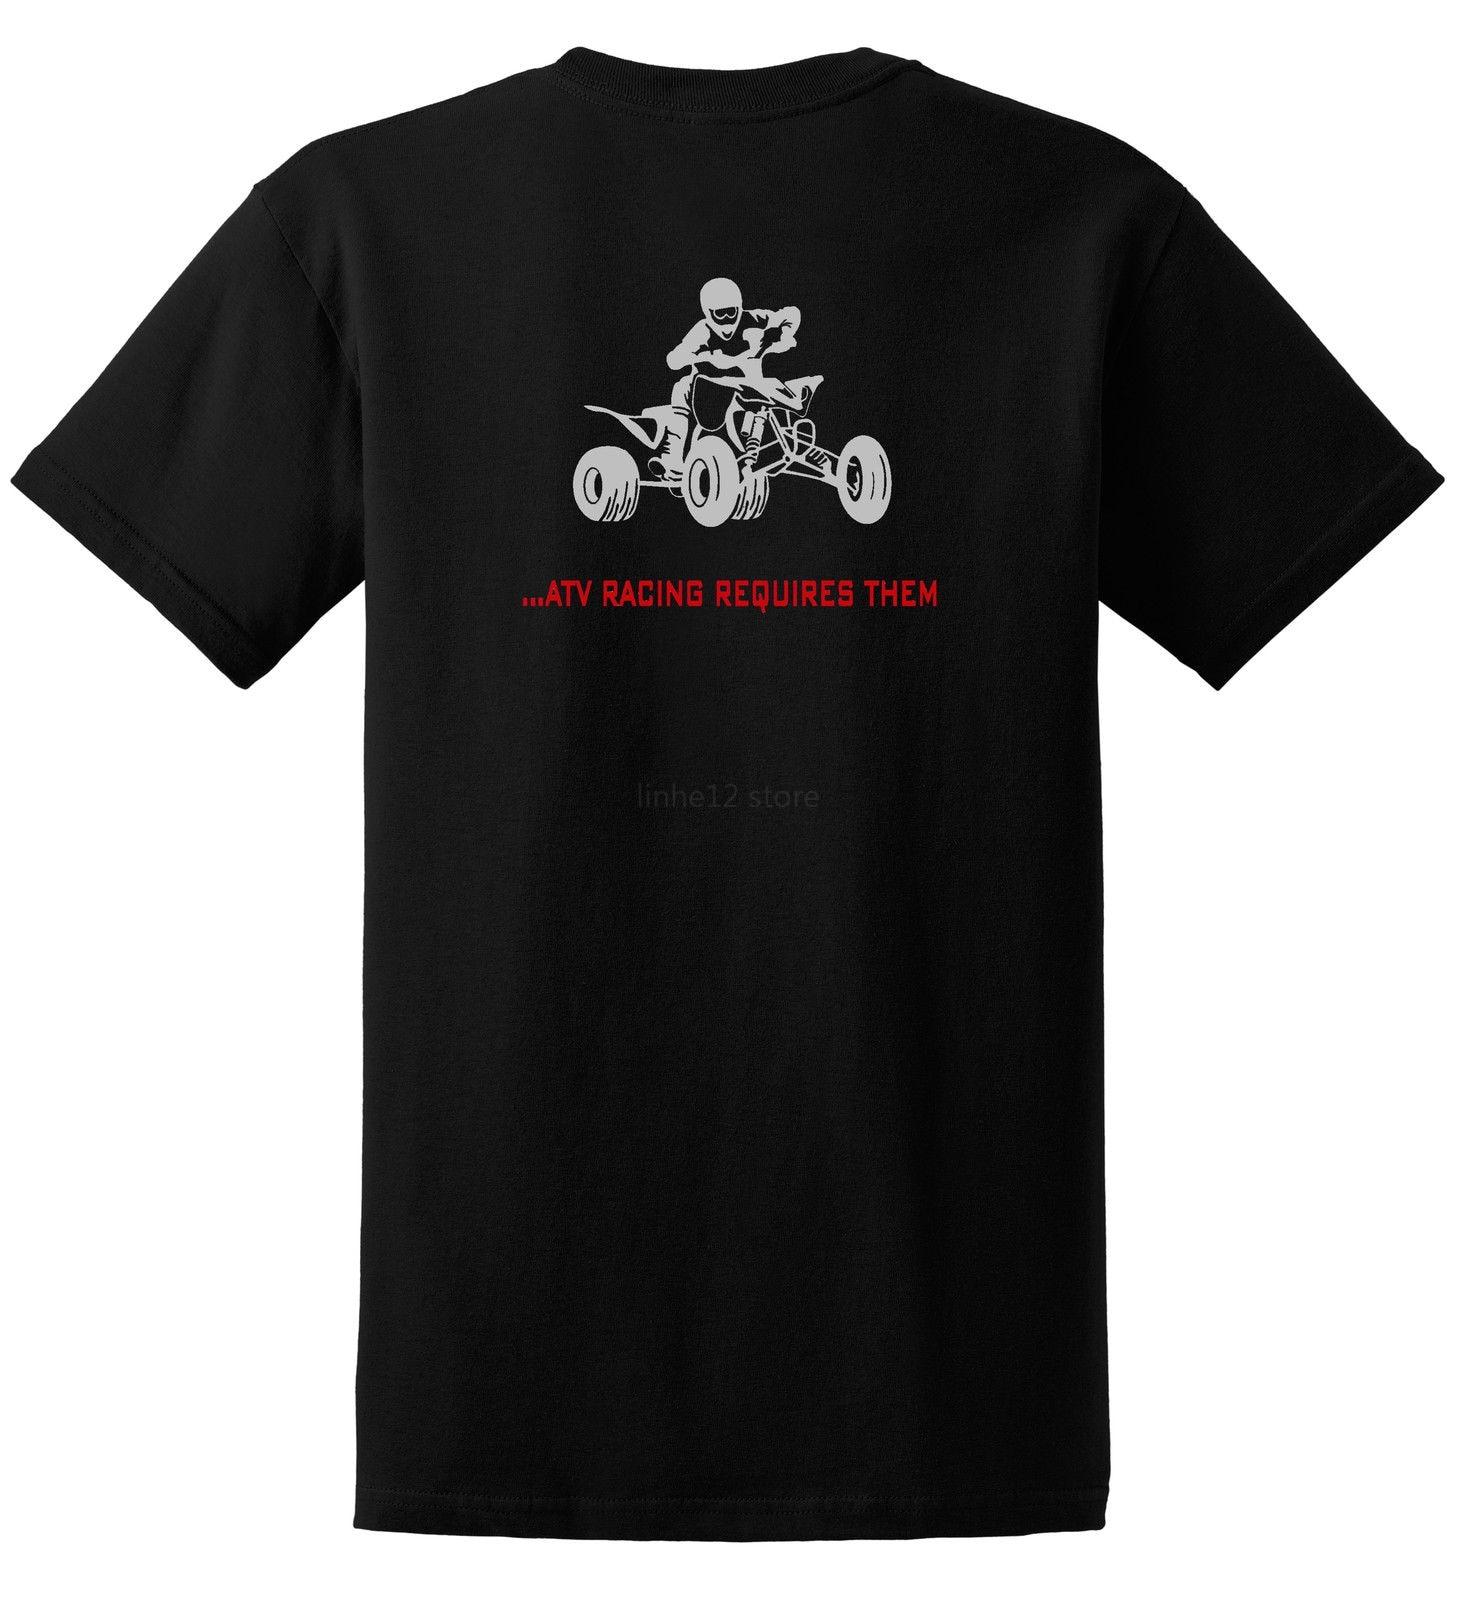 2019 Nuevo Verano Fresco Tee Camisa Atv Carreras Requiere Bolas Sólo Montar T Camisa Quad Yfz 450 Fourtrax 4 Wheeler Camiseta De Algodón Meticulosos Procesos De TeñIdo